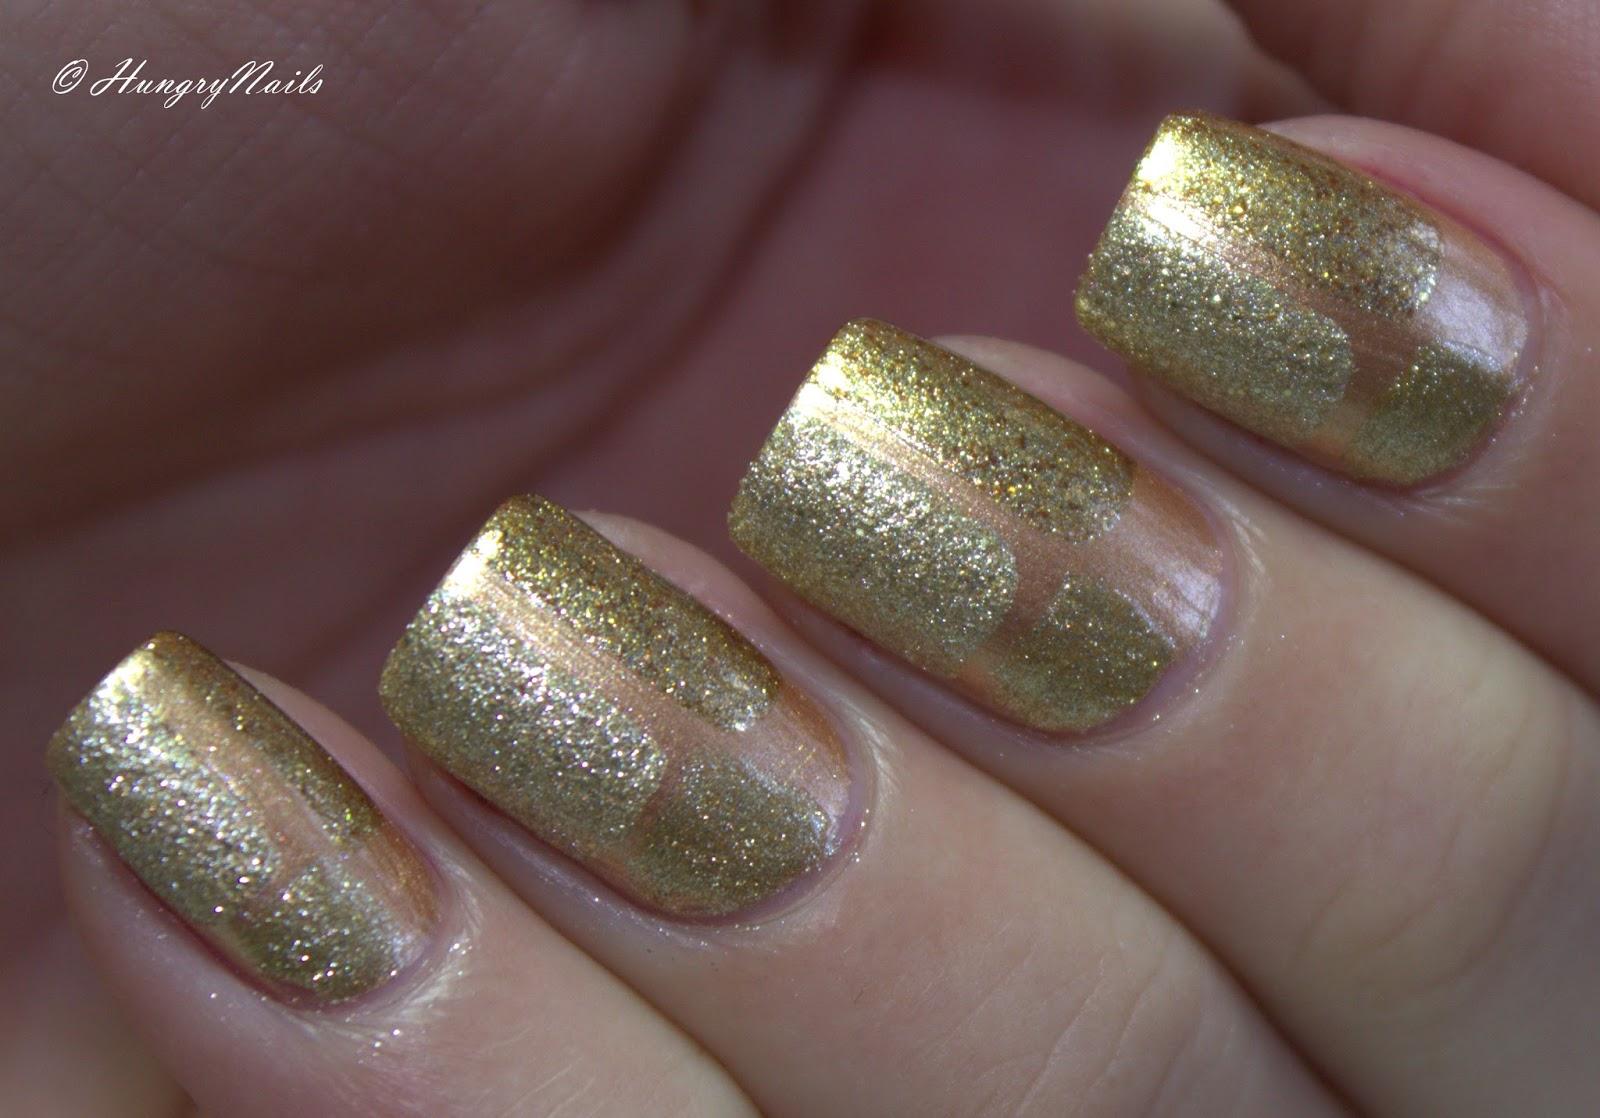 http://hungrynails.blogspot.de/2014/12/anny-golden-sweetie.html